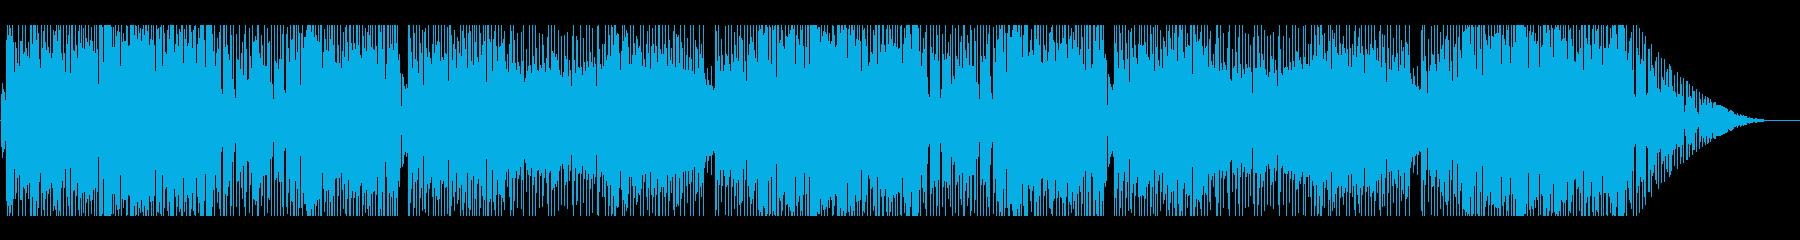 明るく青春なノベルゲーム風日常系ポップスの再生済みの波形